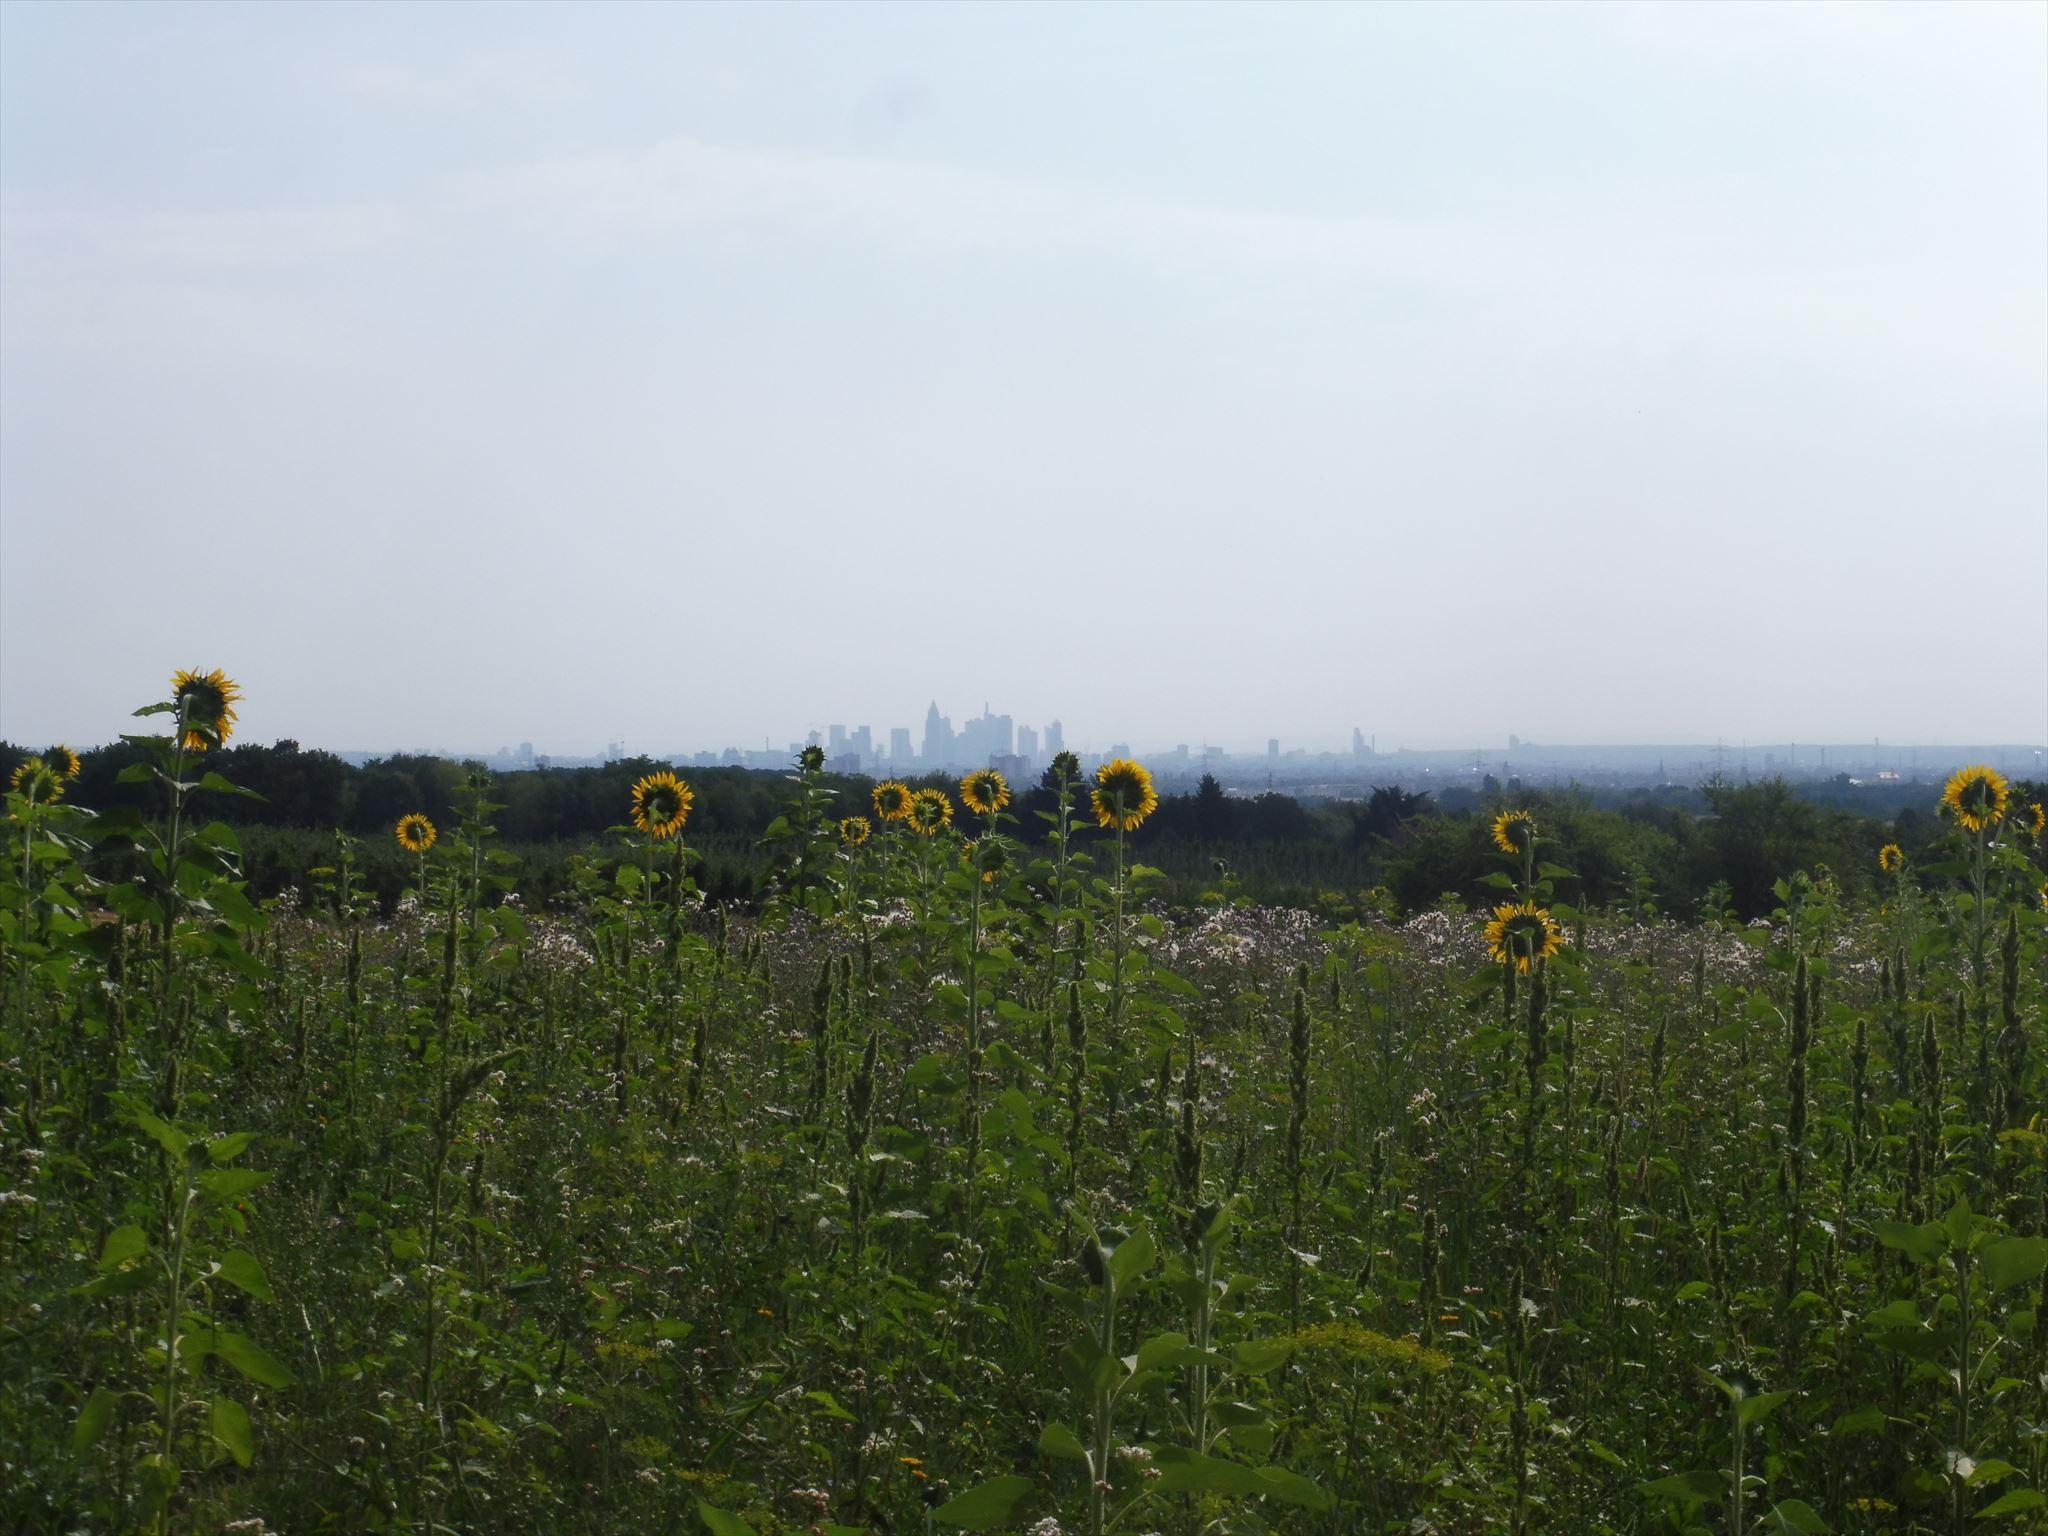 Skylineblick in den Bauernwiesen